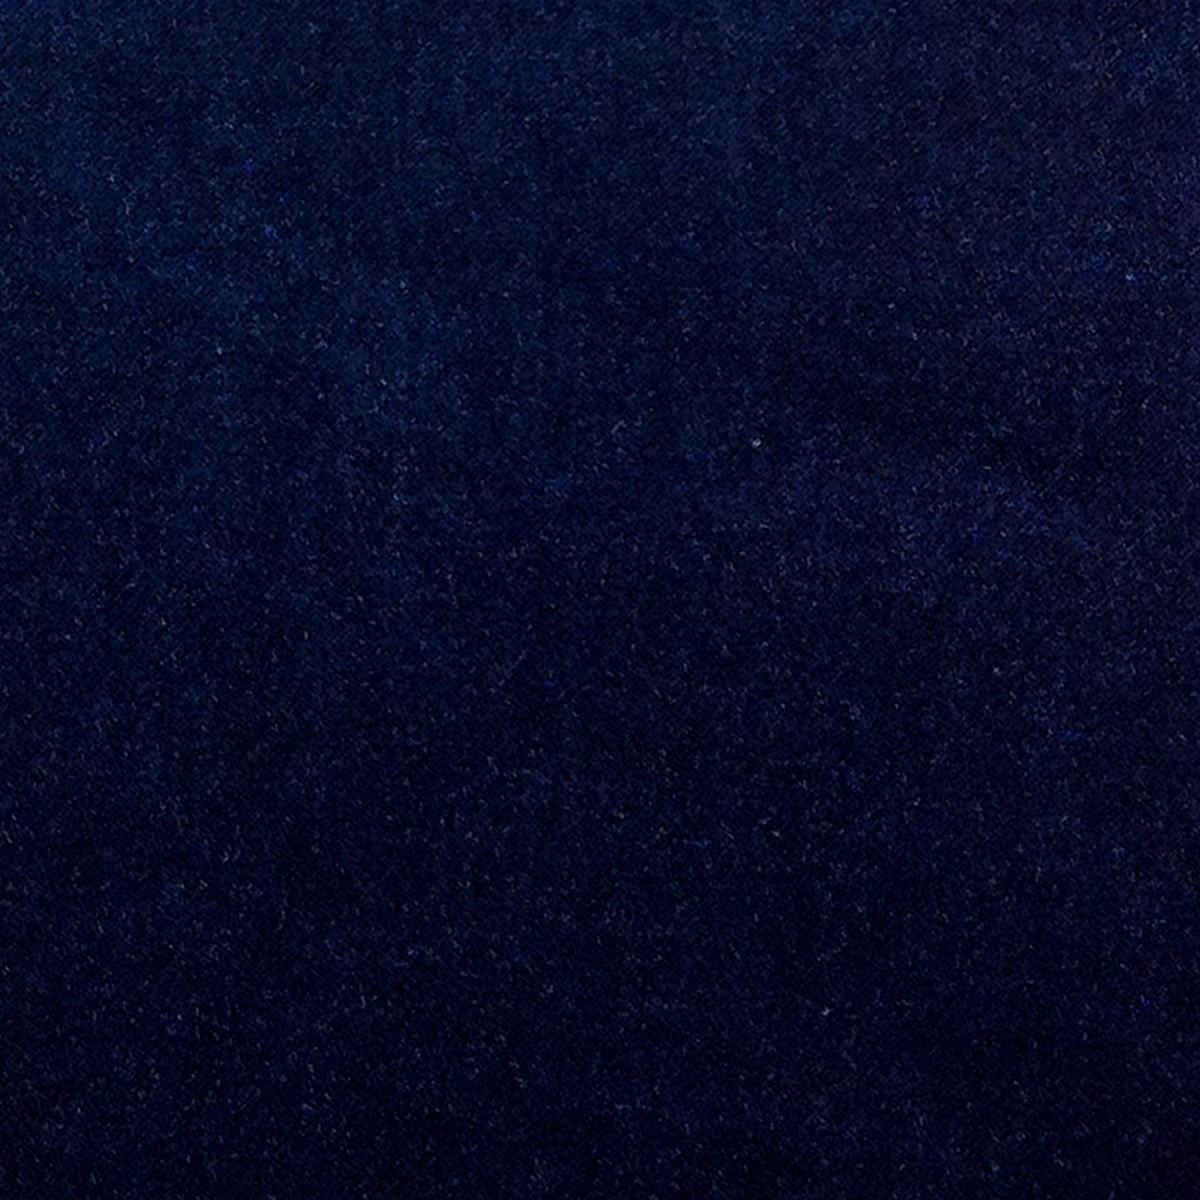 couleur bleue nuit - Mademoiselle Rose chaussures de mariée sur mesure couleur chaussure mariage